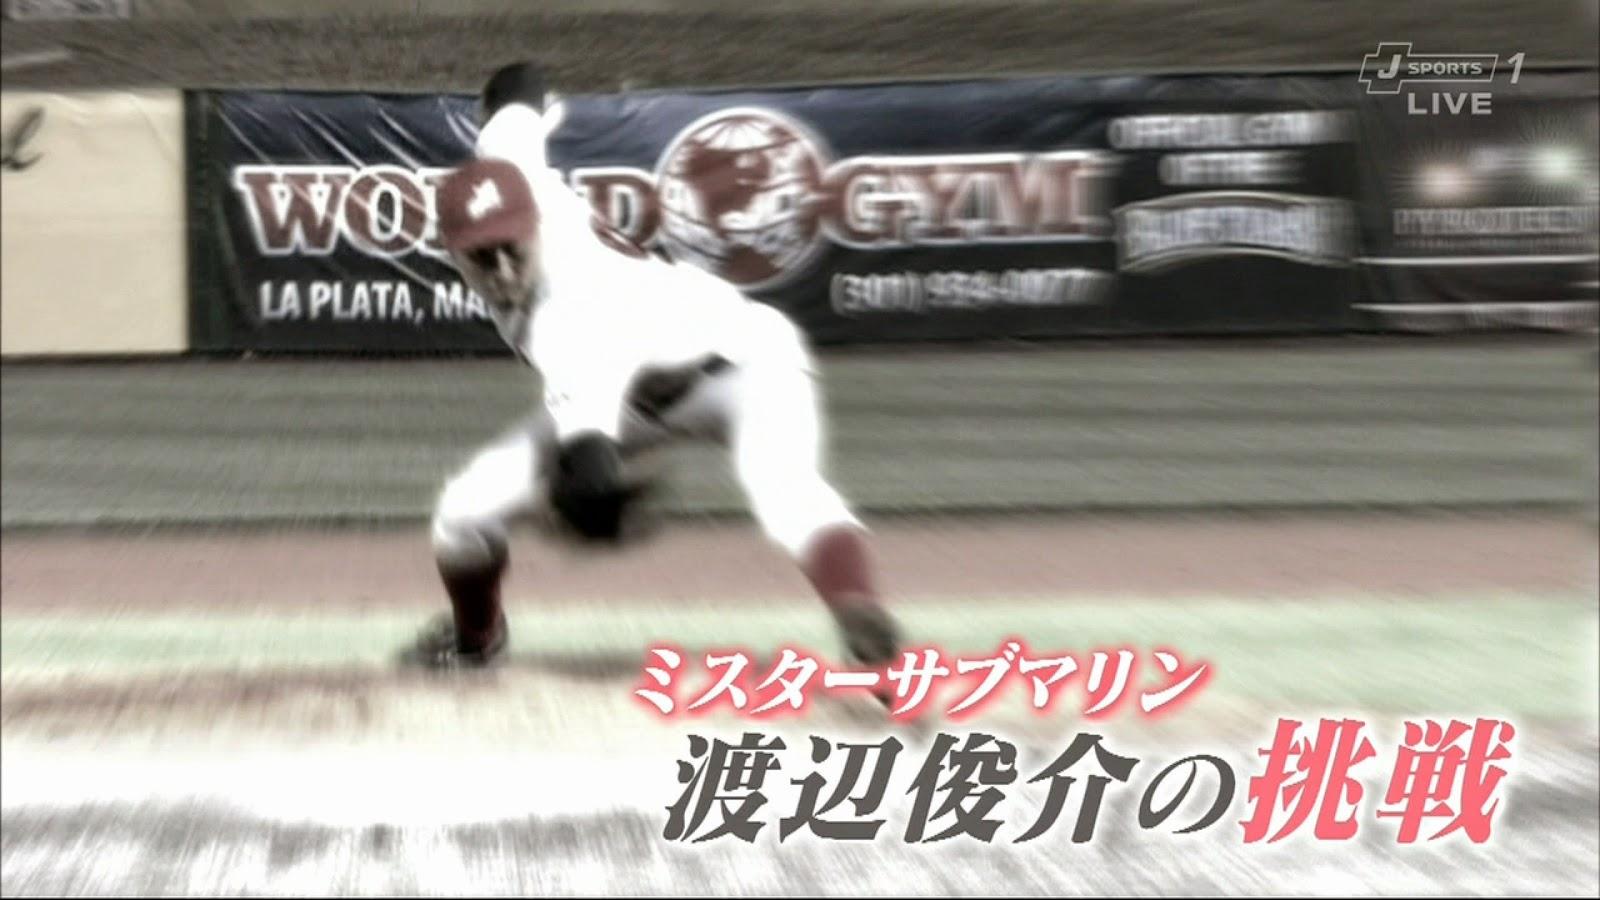 渡辺俊介の現在 - 野球まとめに...